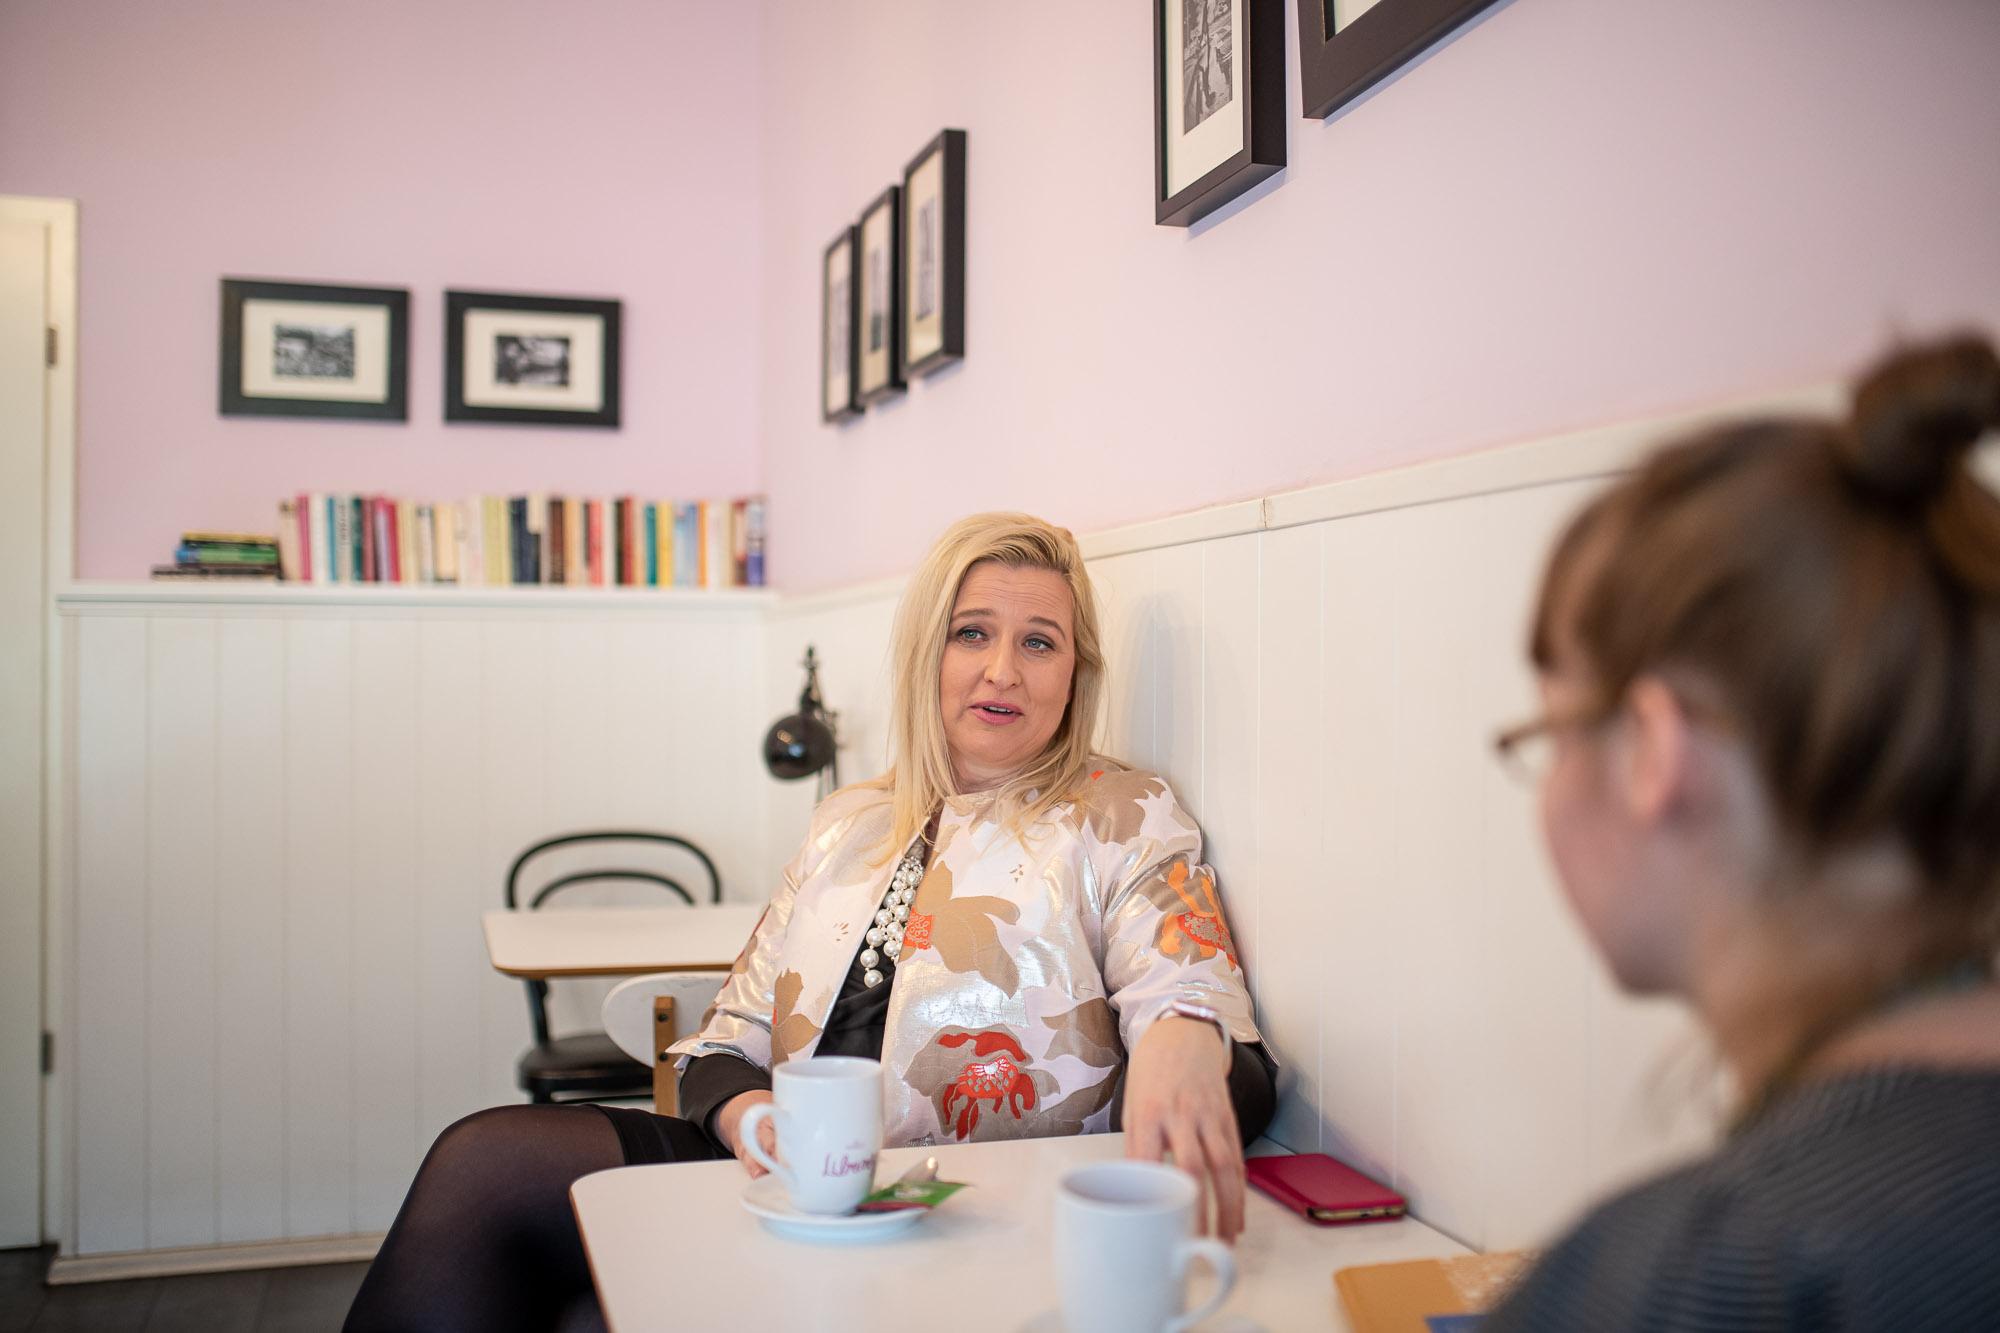 """Vállalkozó nők – """"Ha nem termelnek rögtön profitot, azt mondják nekik, inkább foglalkozzanak a családdal"""""""